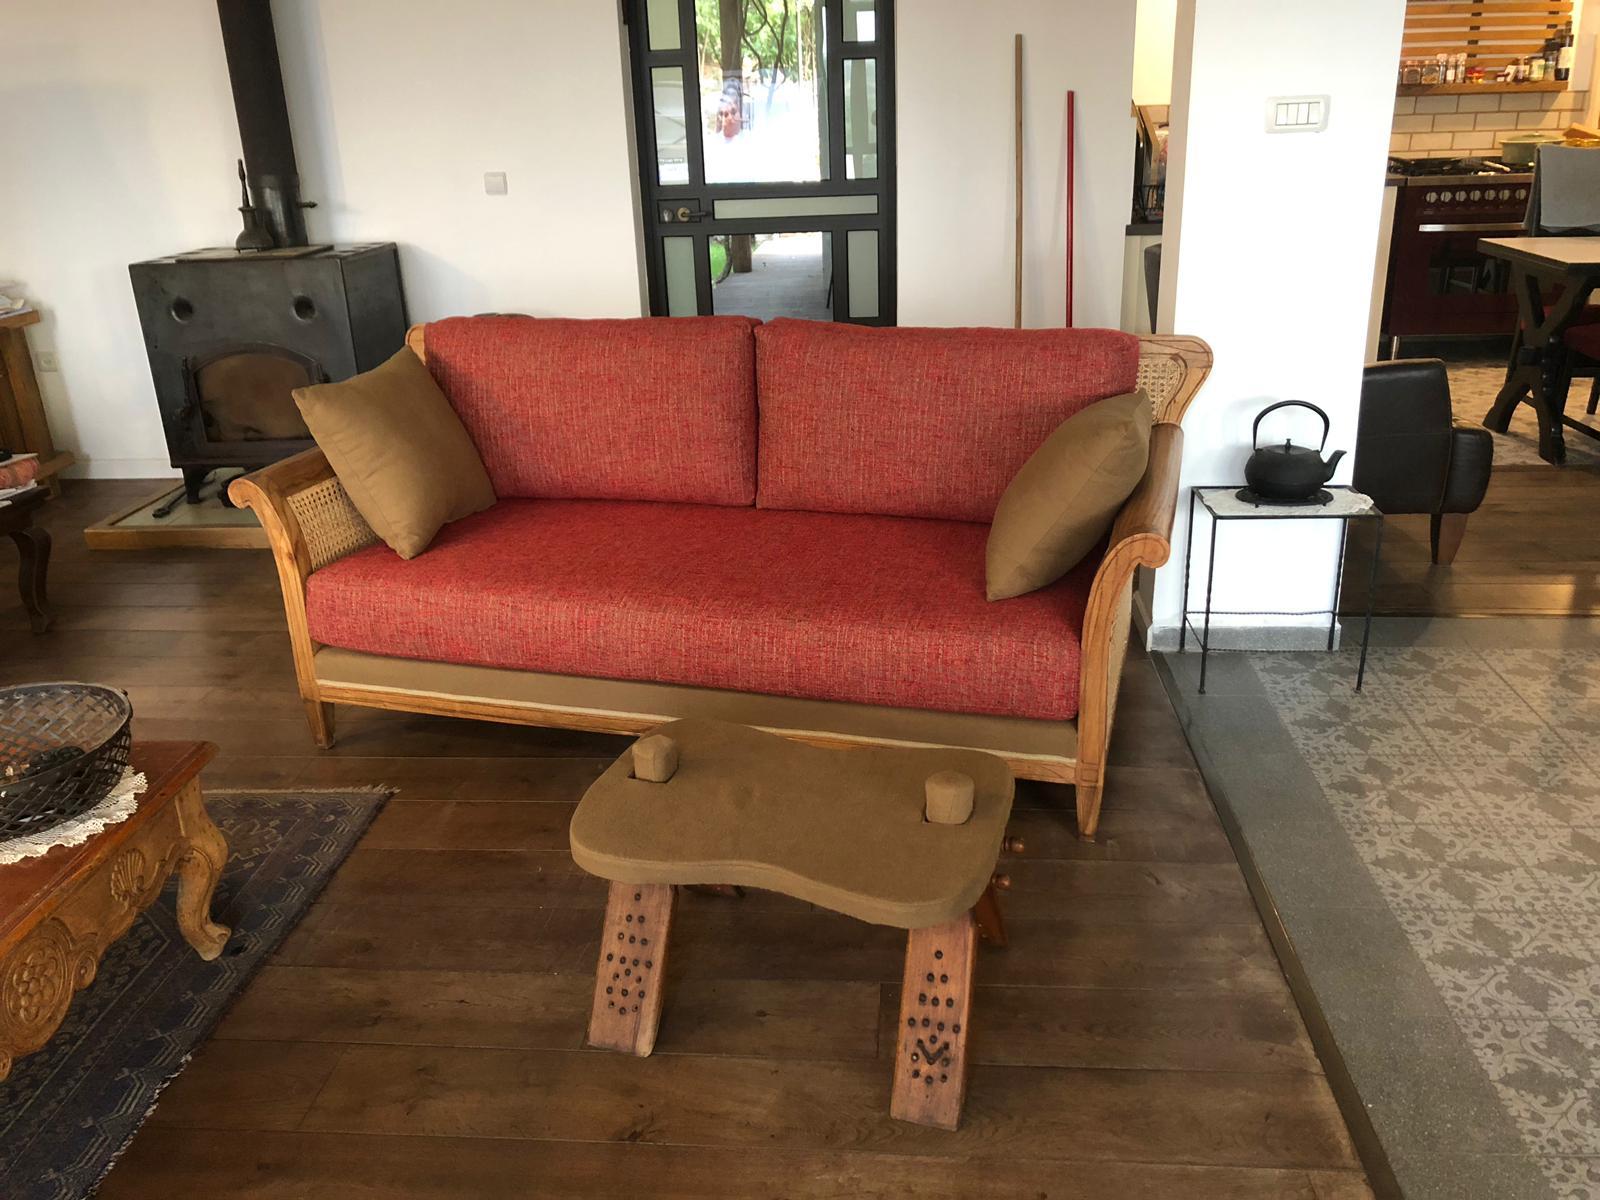 sofa new ord.2301